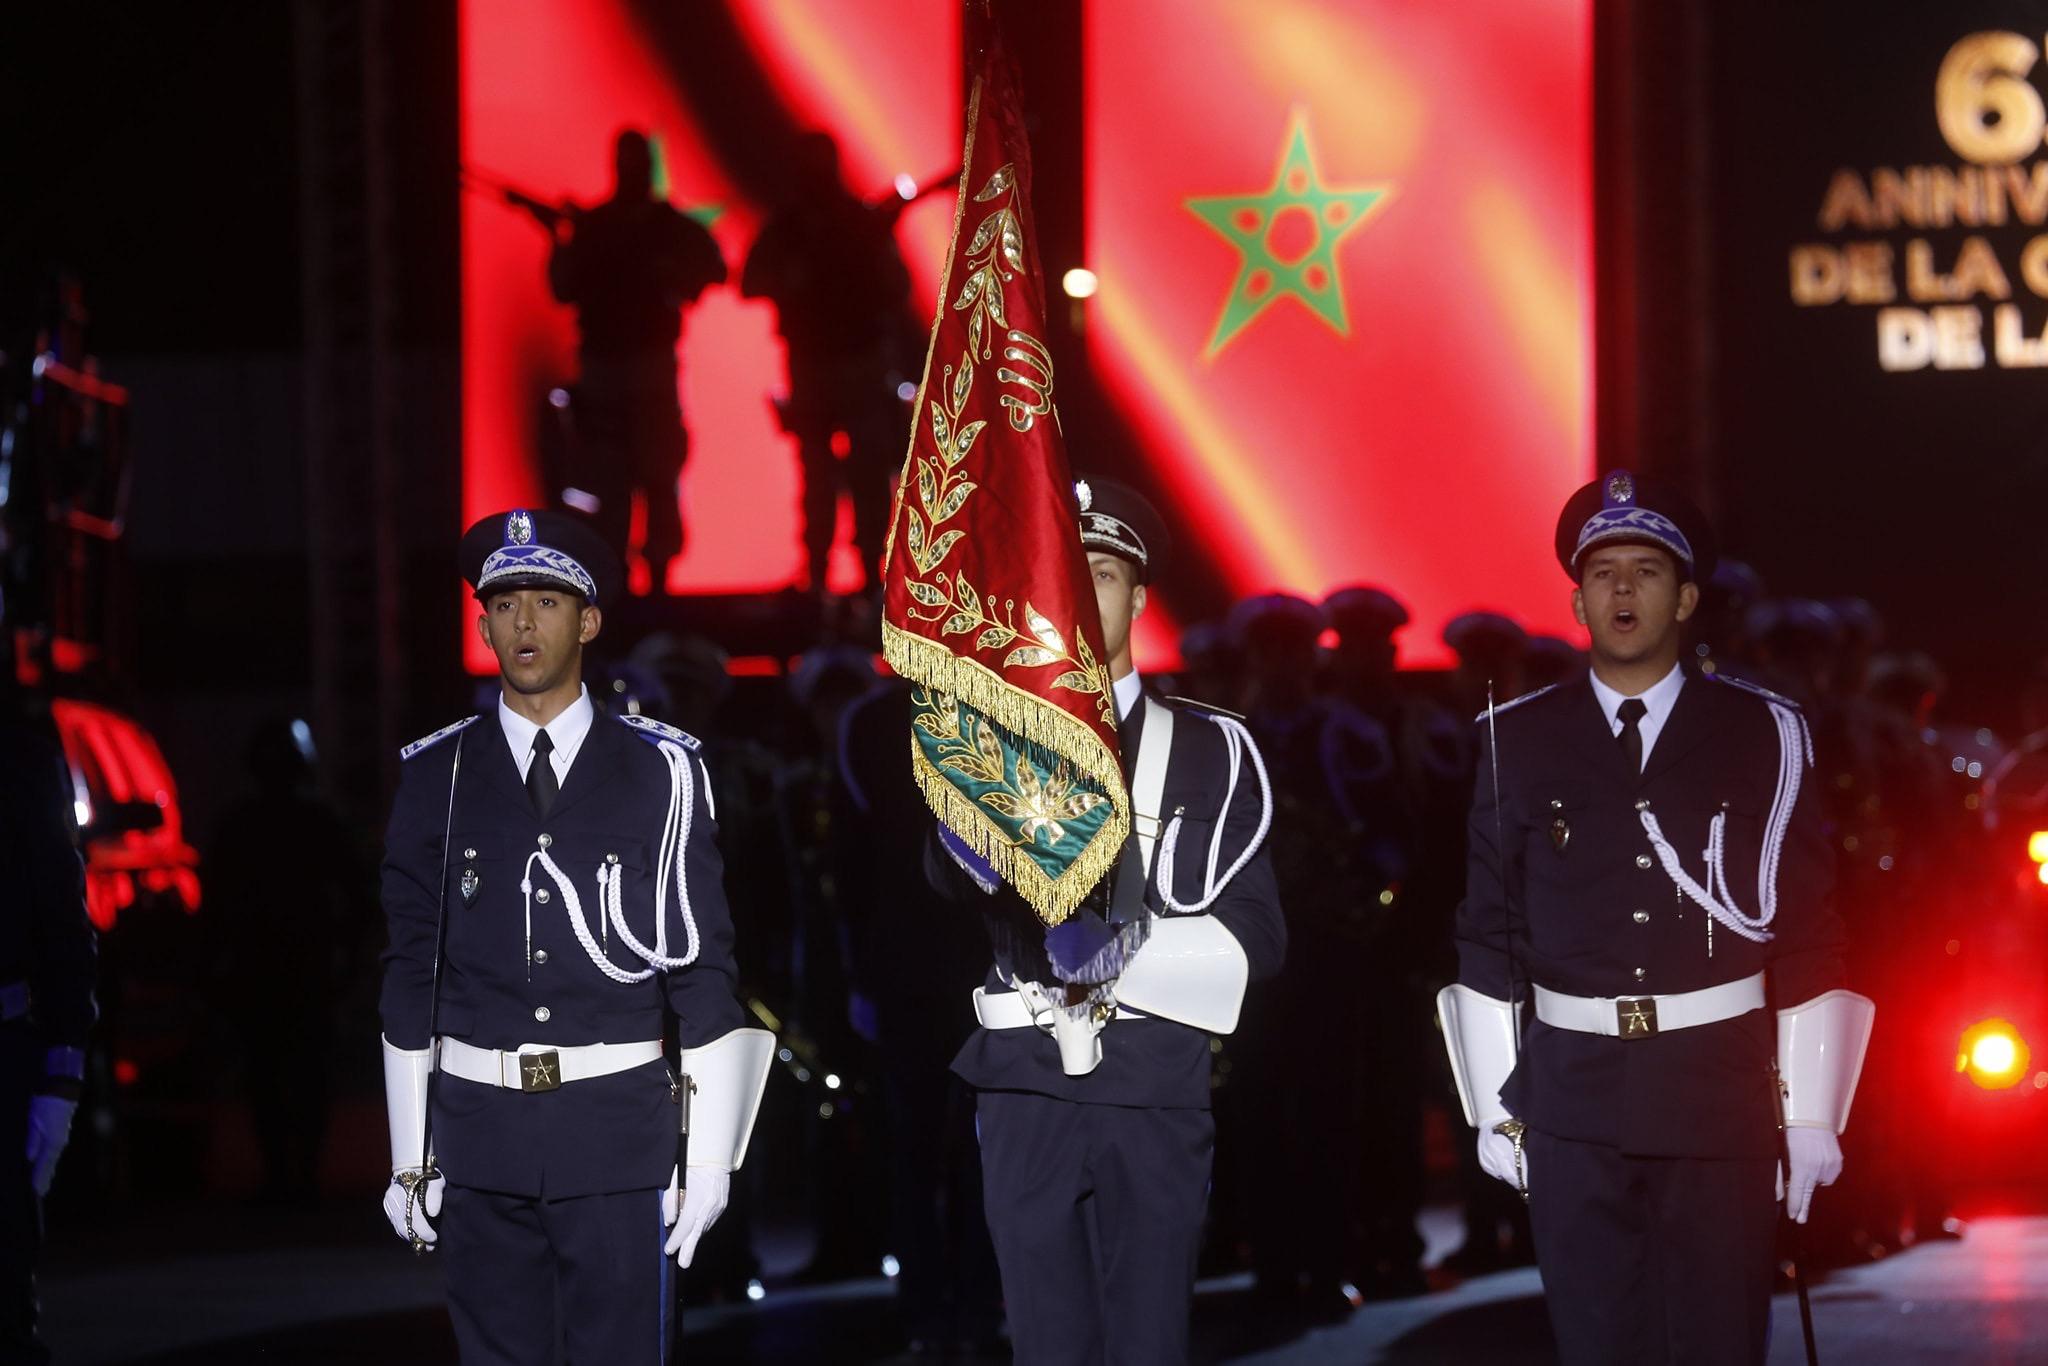 صورة حموشي يضع الشباب على رأس مصالح وفرق الأمن الوطني